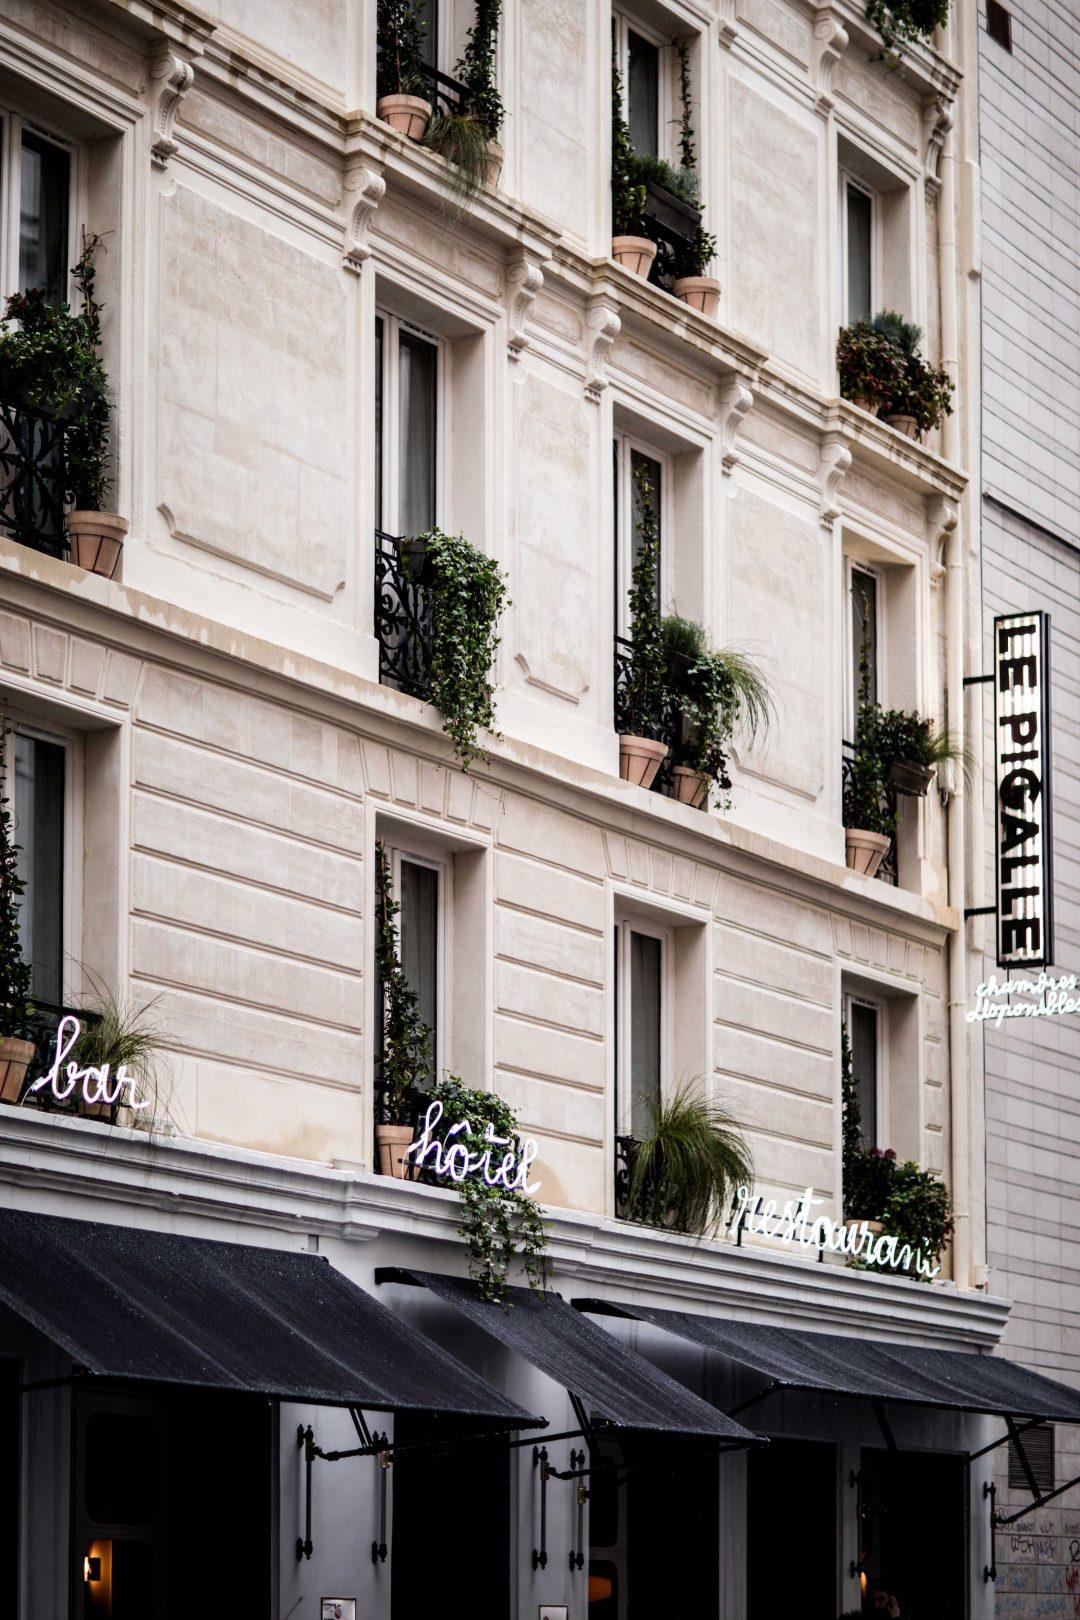 Francia: 11 hotel chic, nuovi e low cost. Nelle città più belle